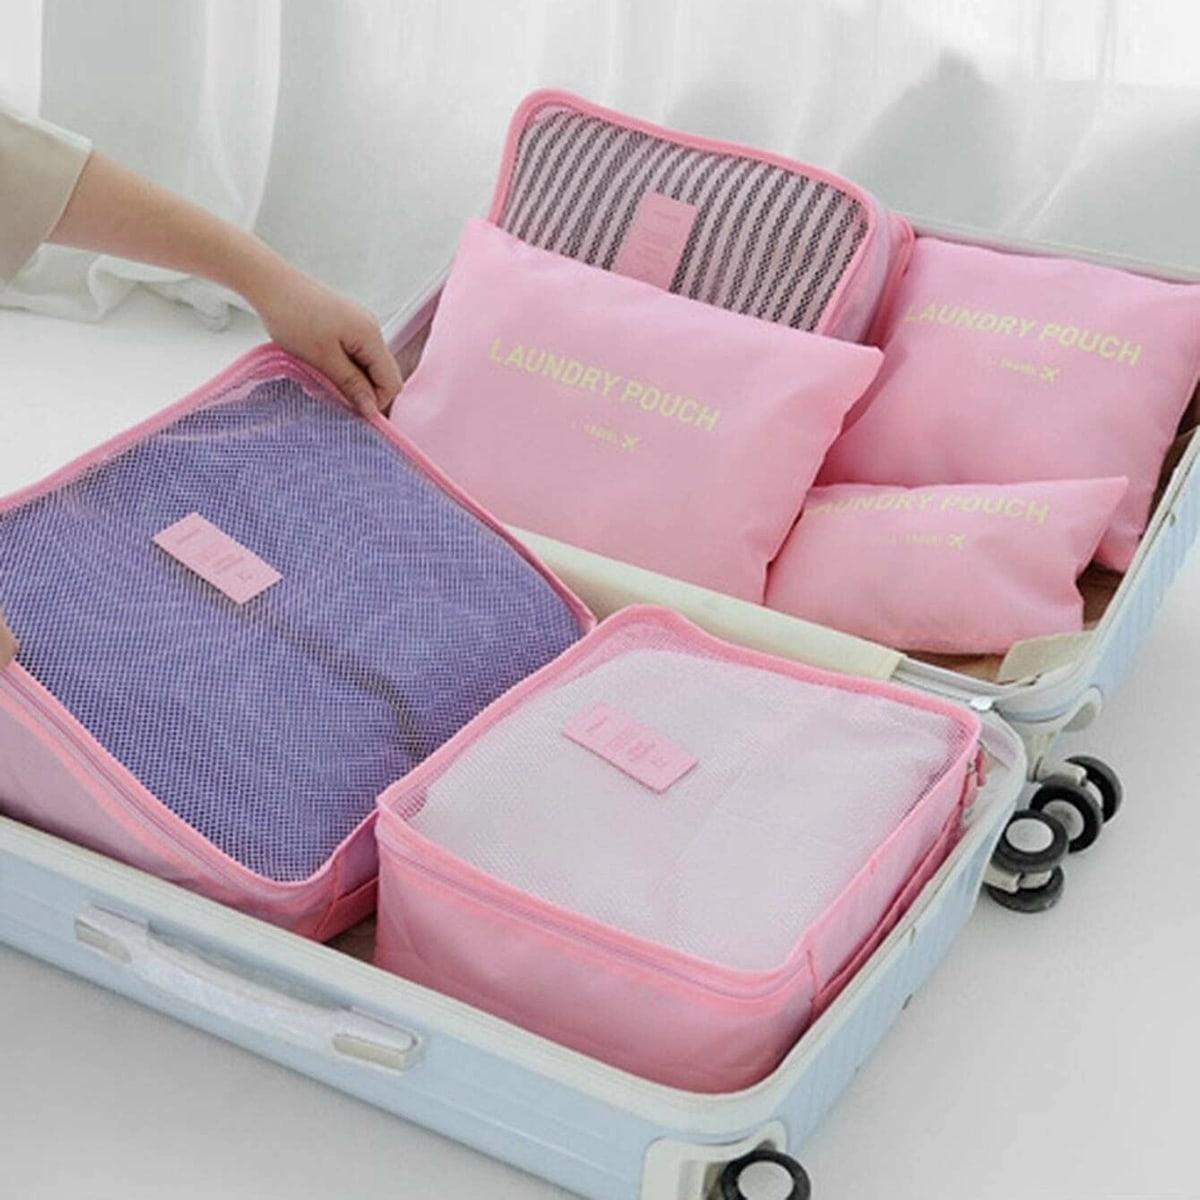 6шт портативная дорожная сумка для хранения